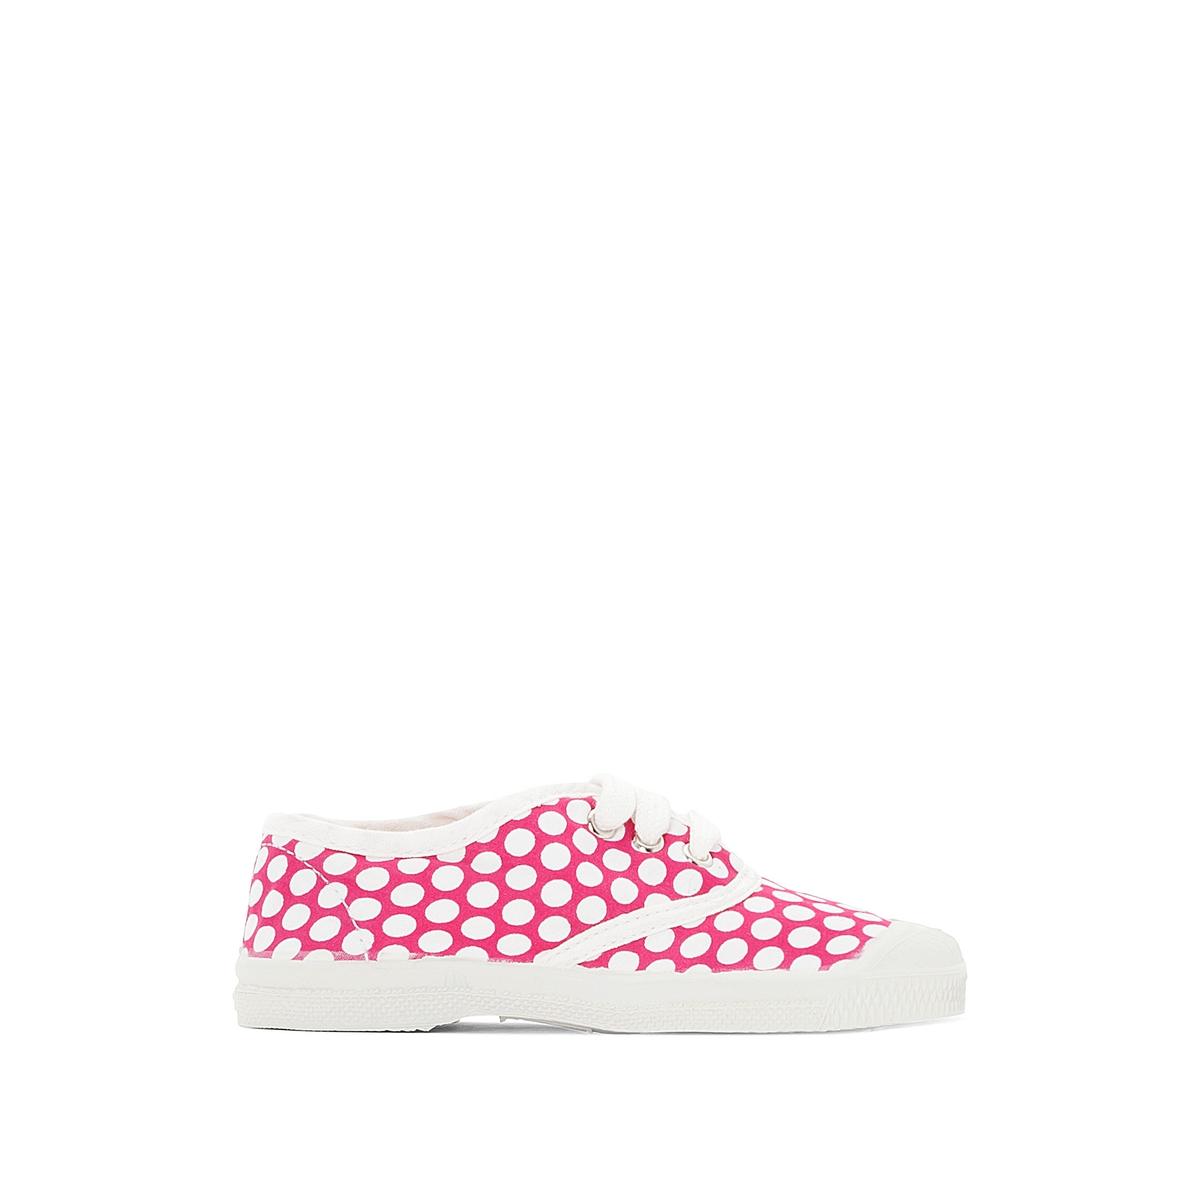 Кеды с цветными точками на шнуровке цены онлайн